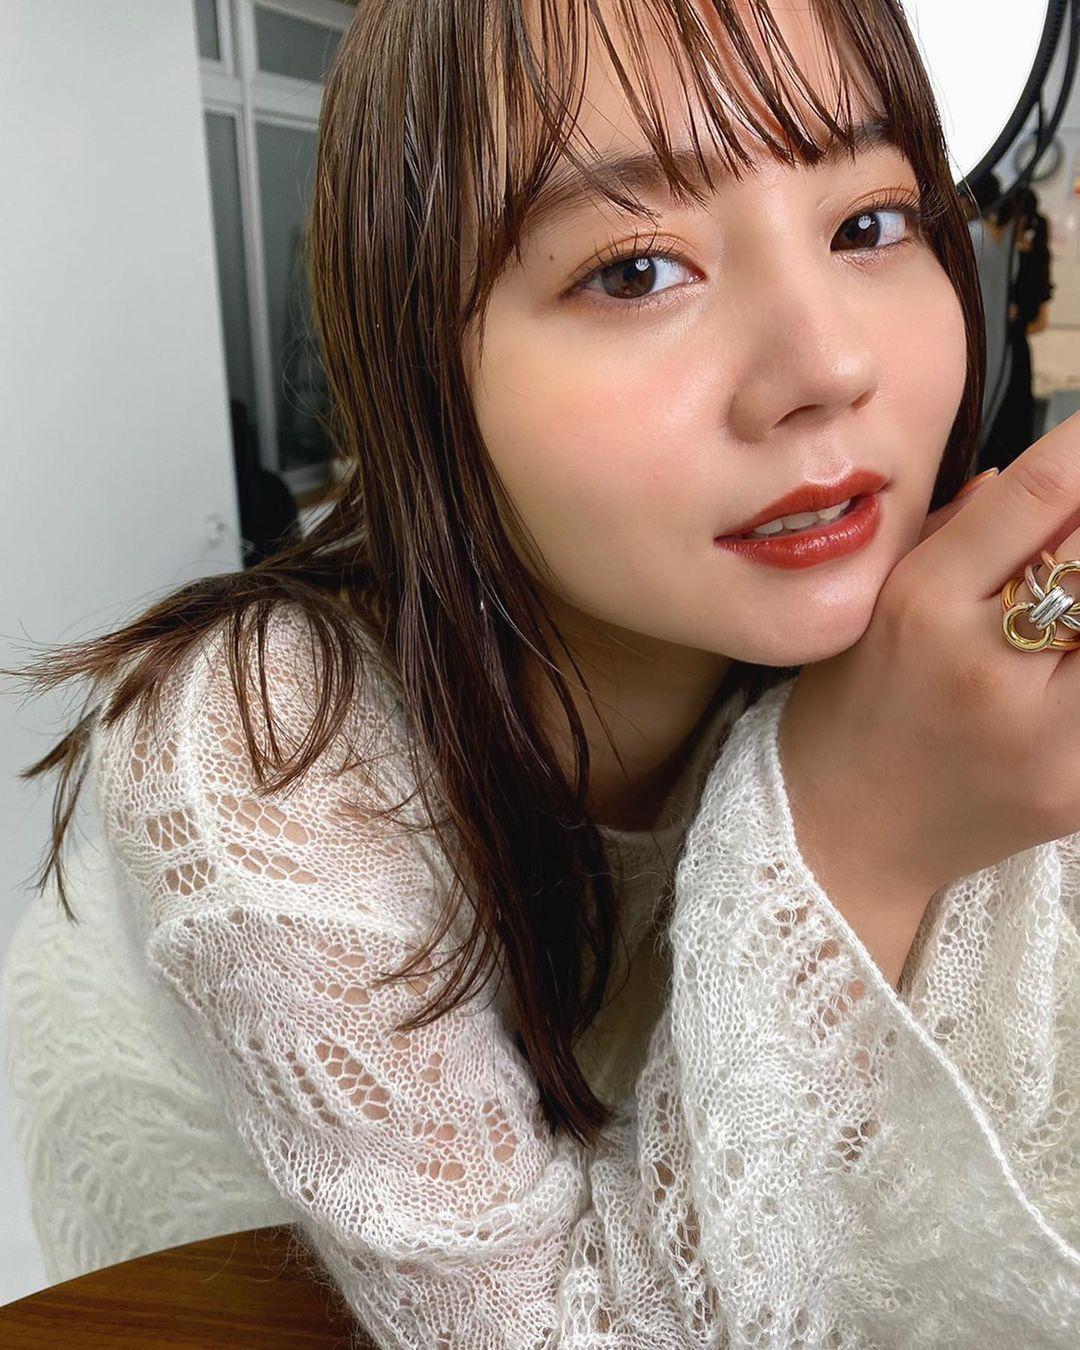 崛北真希妹妹NANAMI新生代清纯女 网络美女 第4张